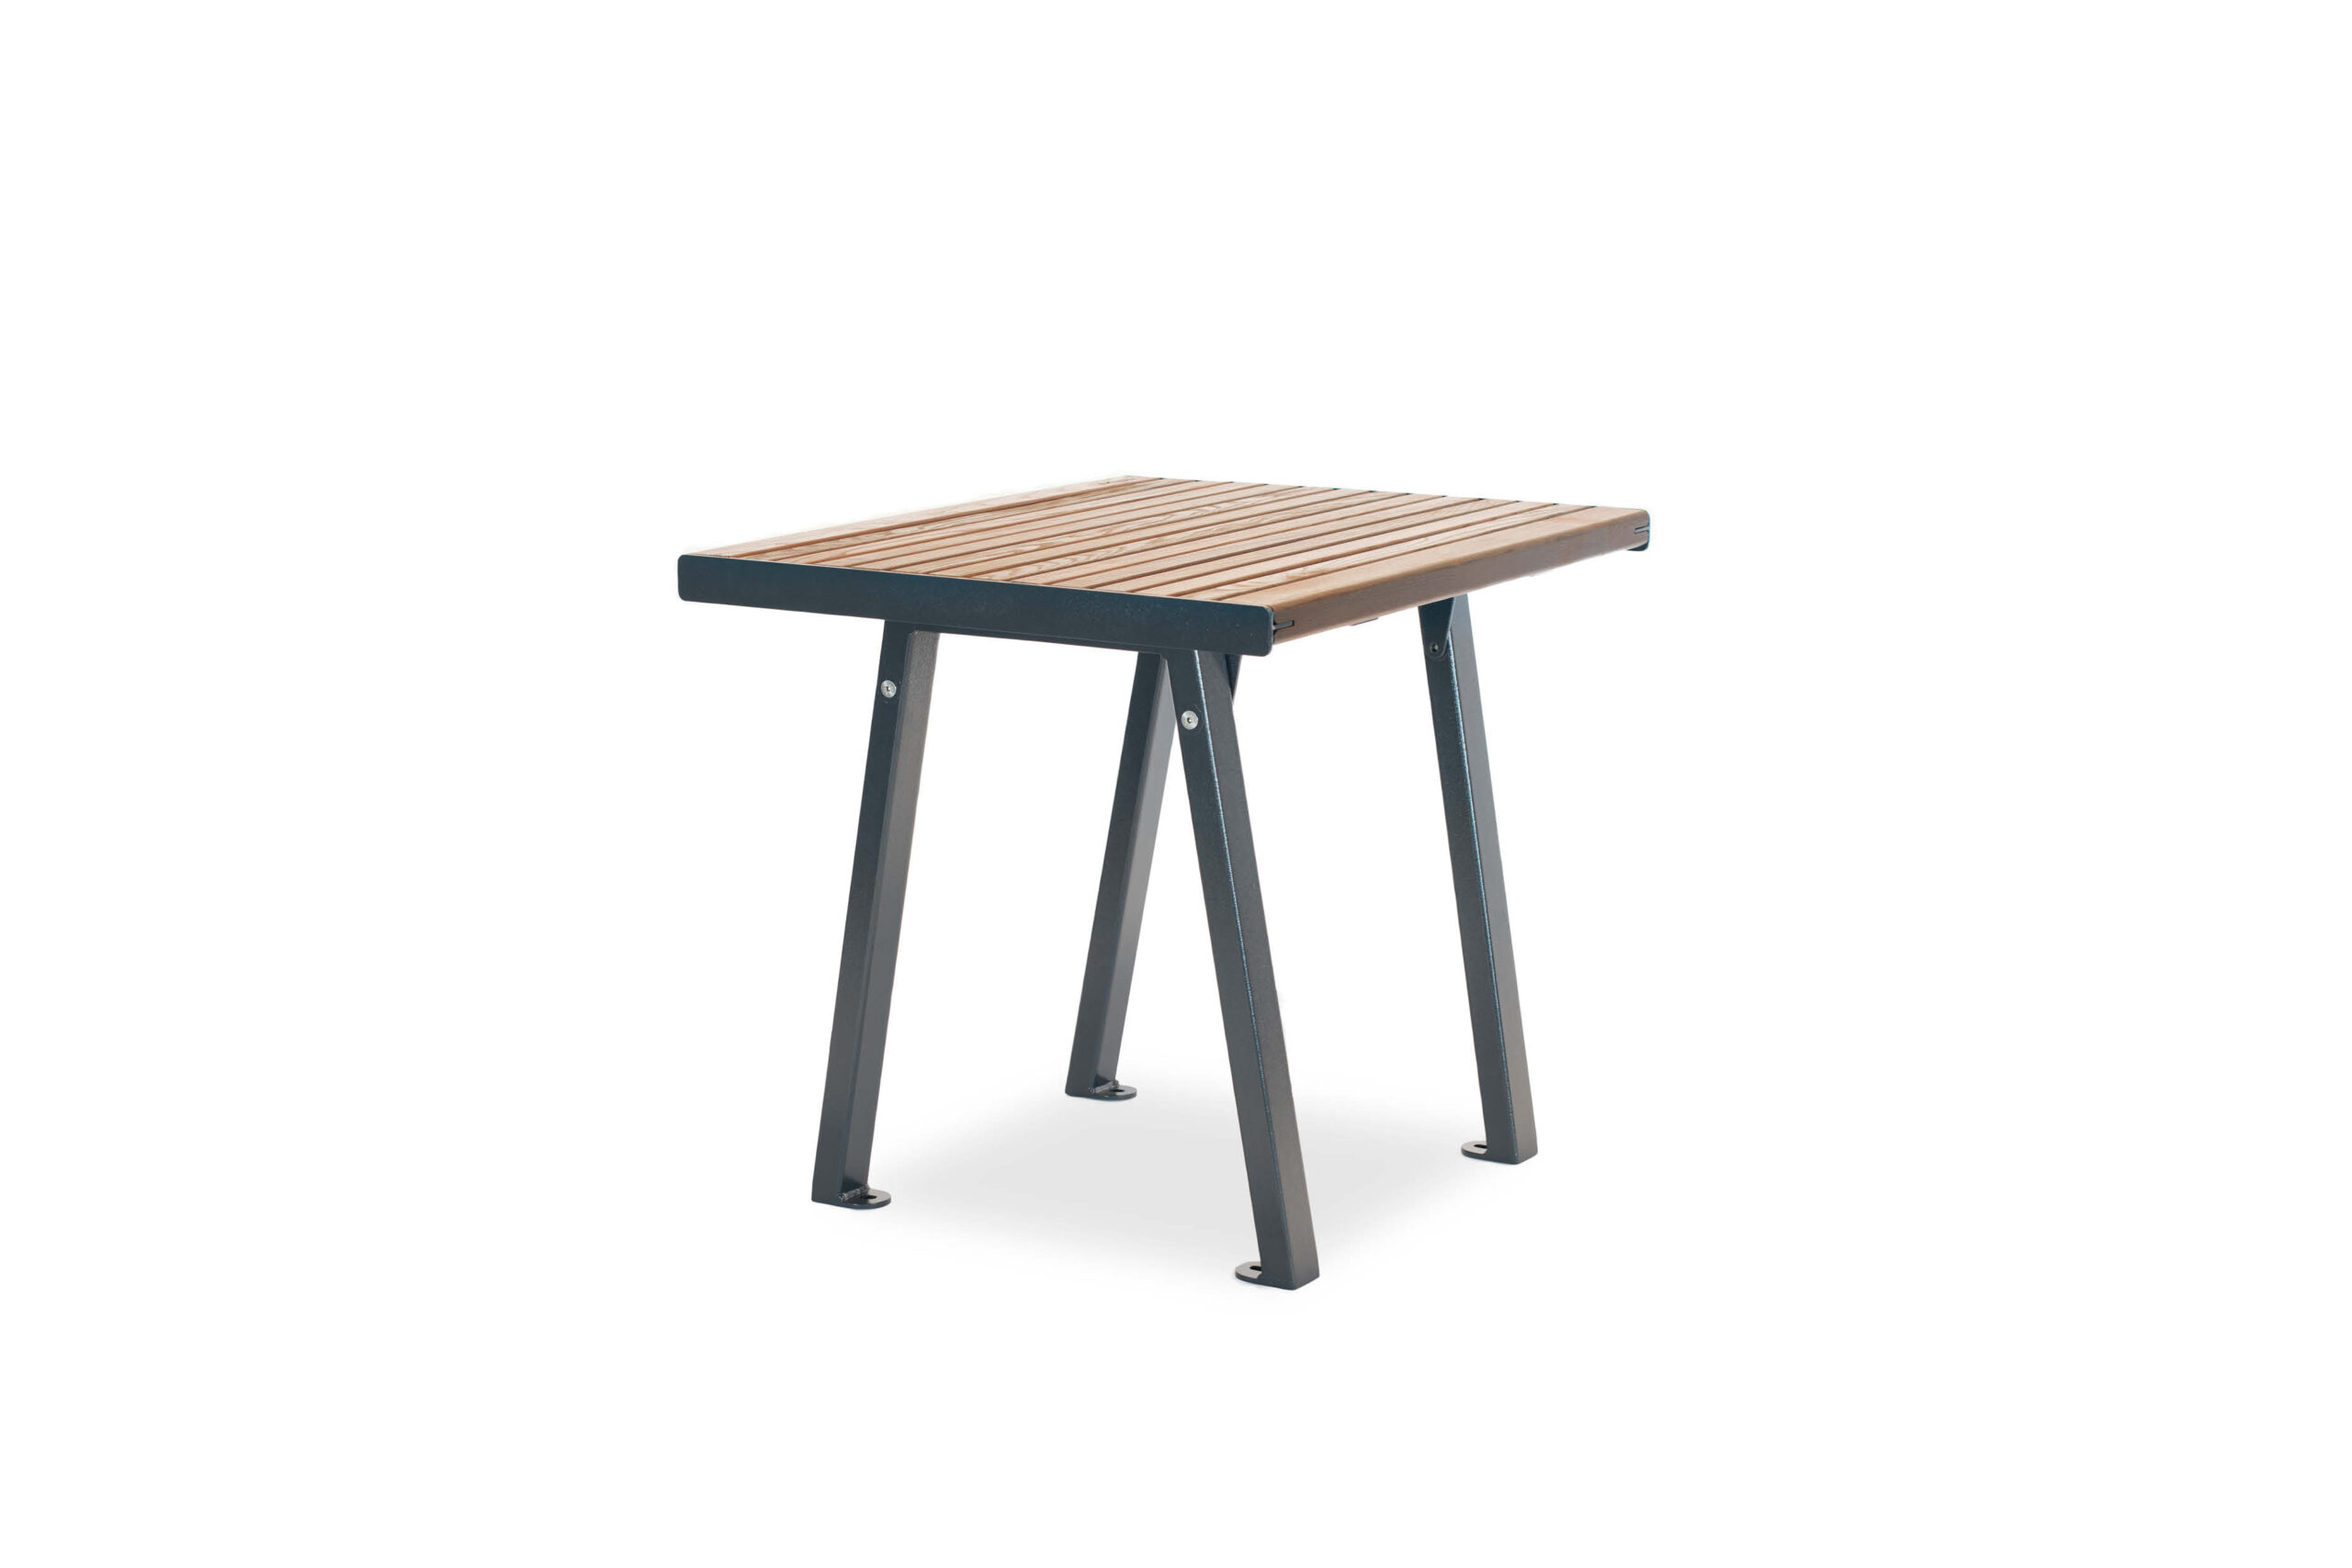 laud Klaar Wood, väike